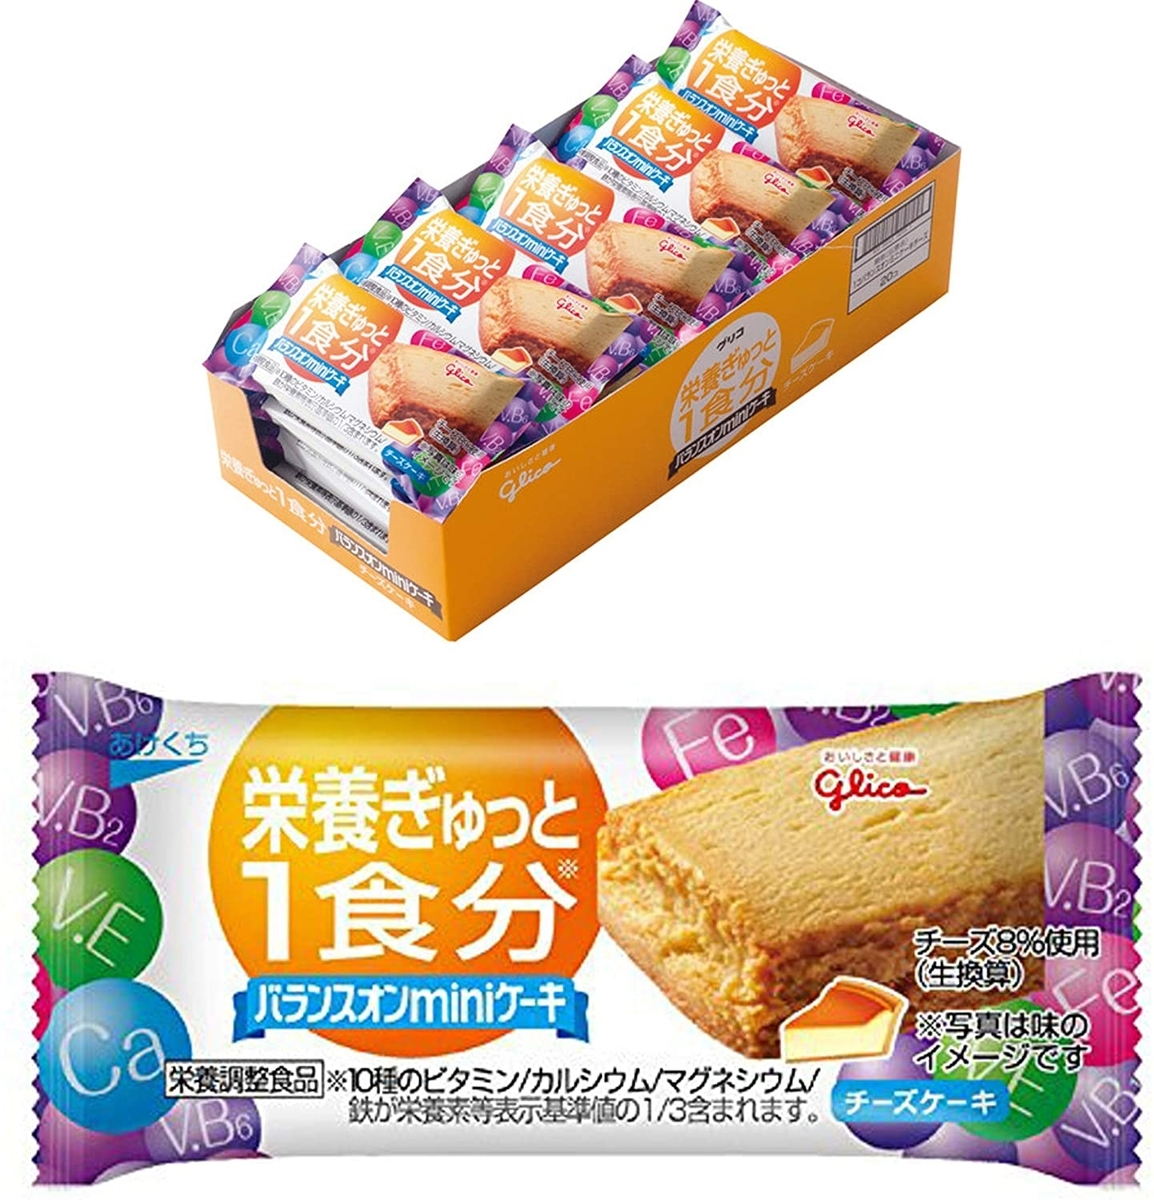 江崎グリコ バランスオンminiケーキのイメージ画像